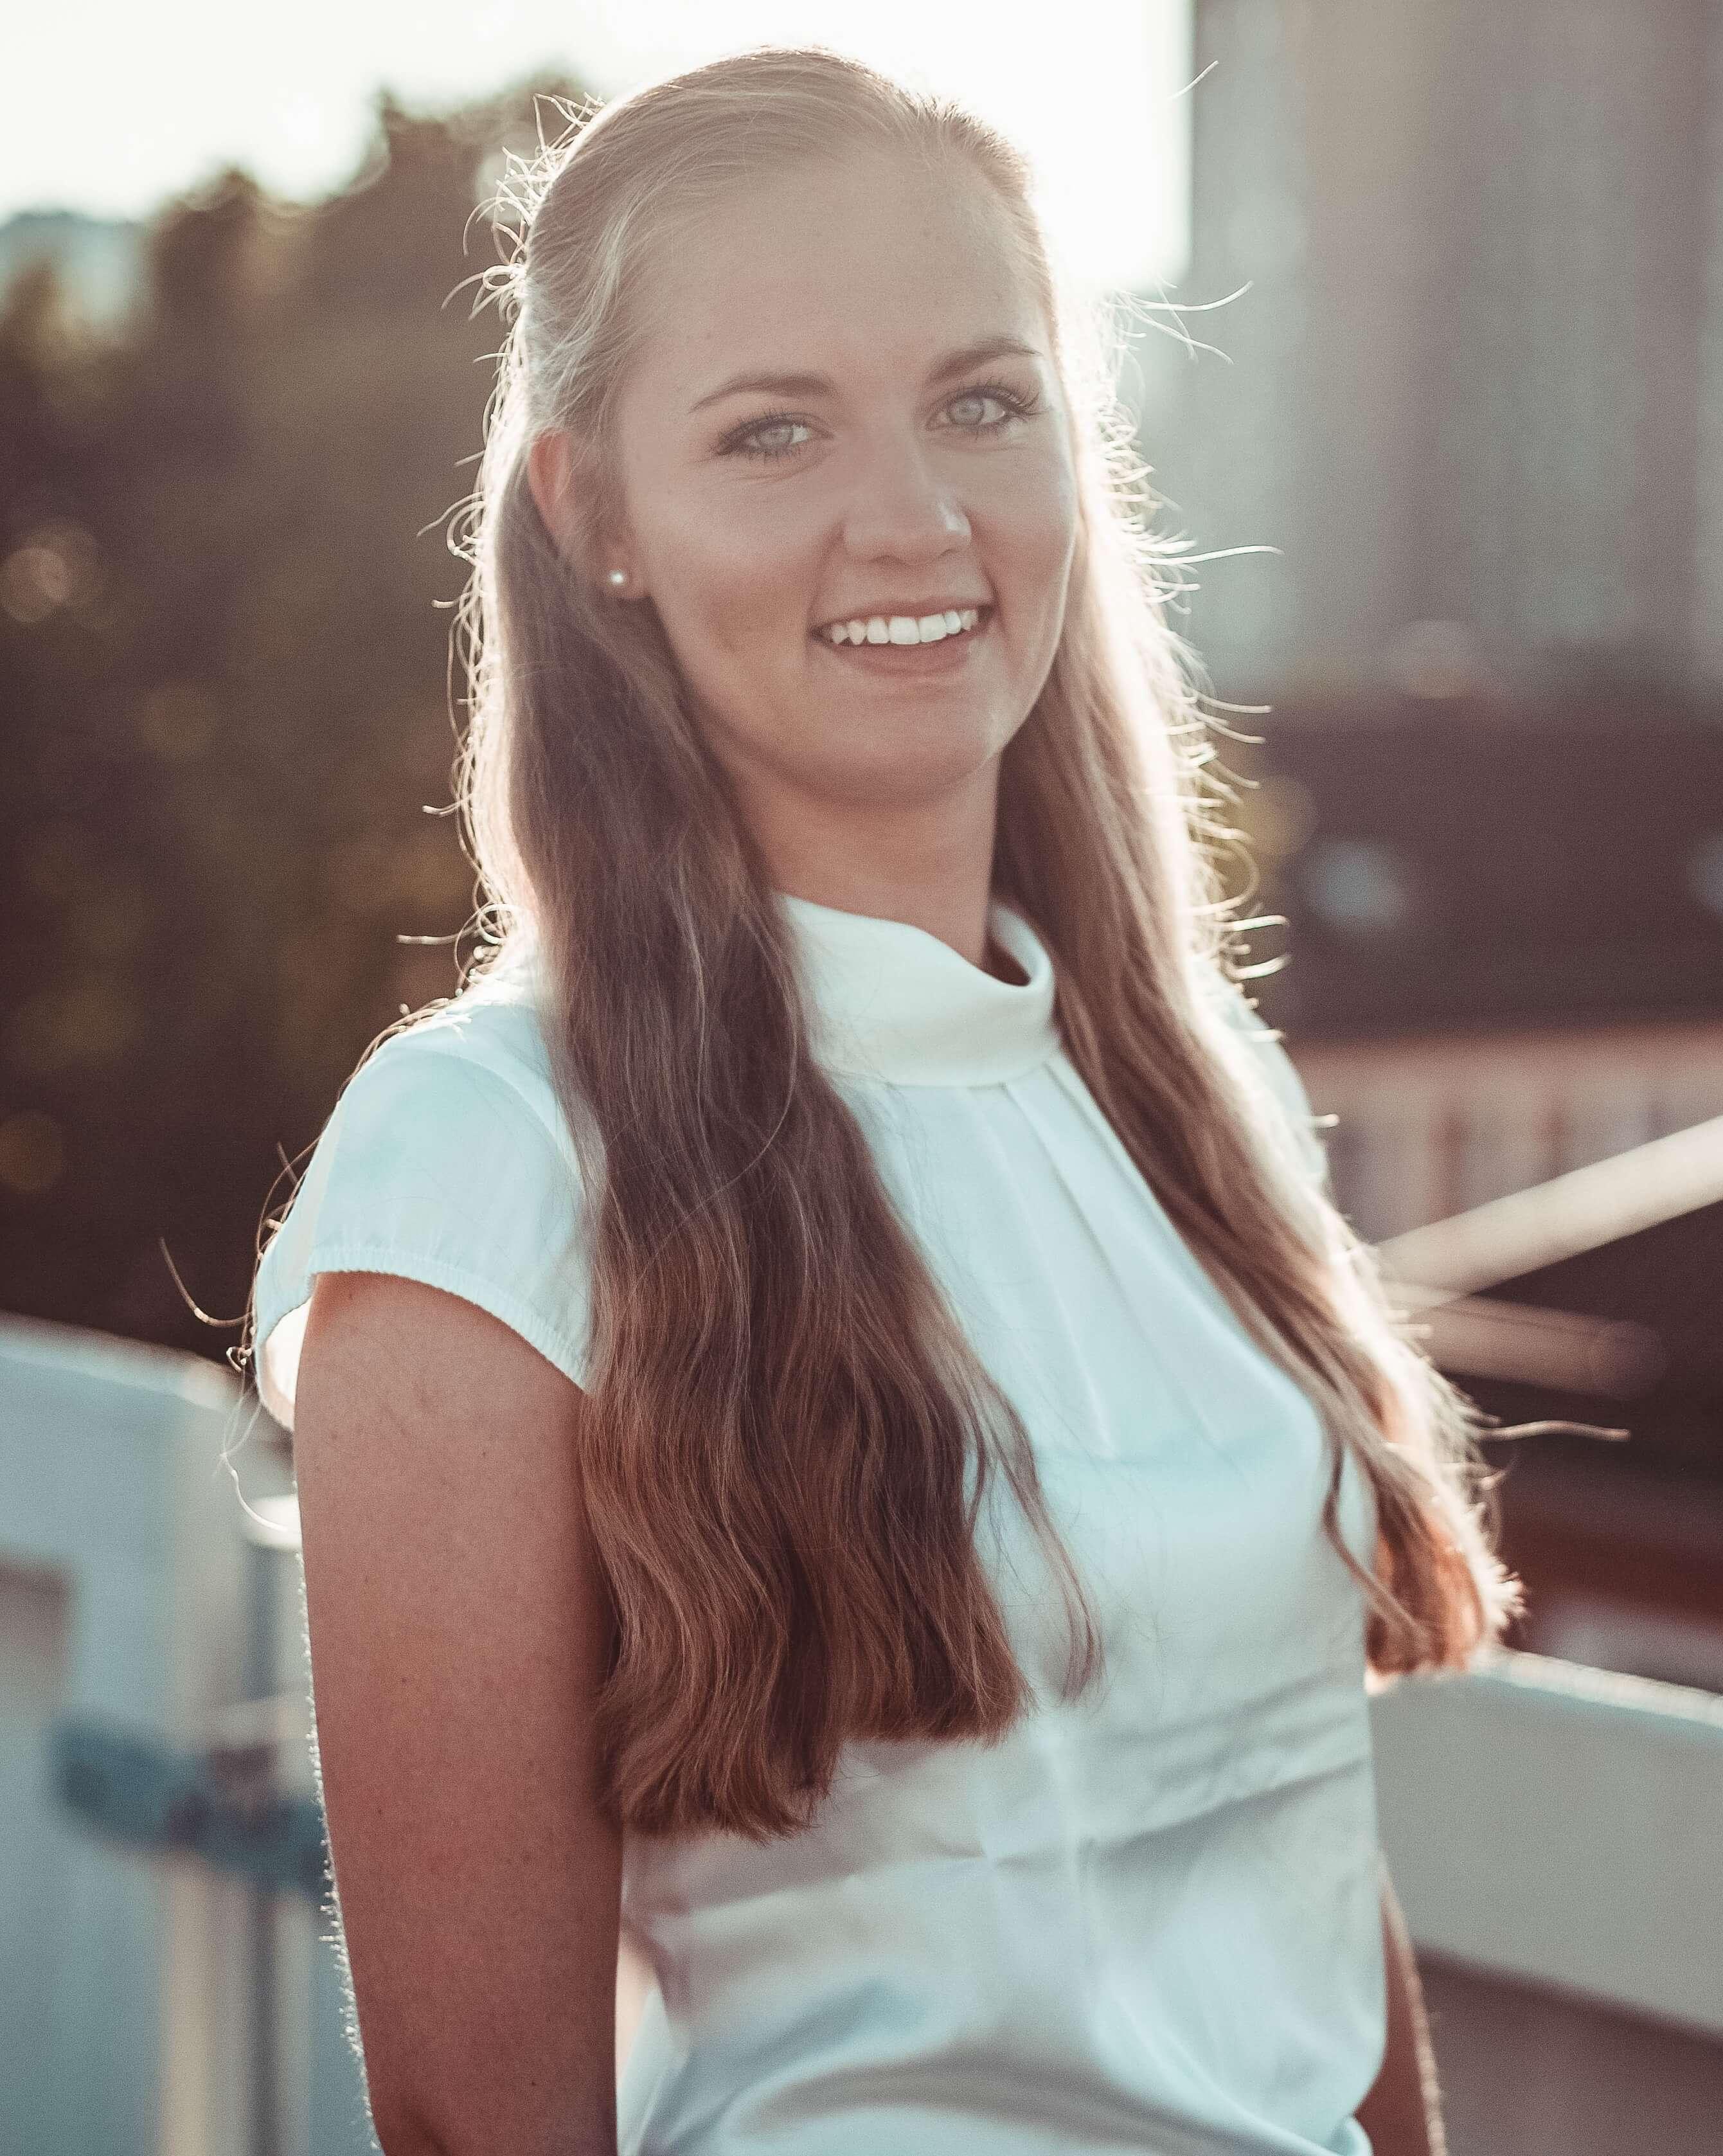 Alica Strobel